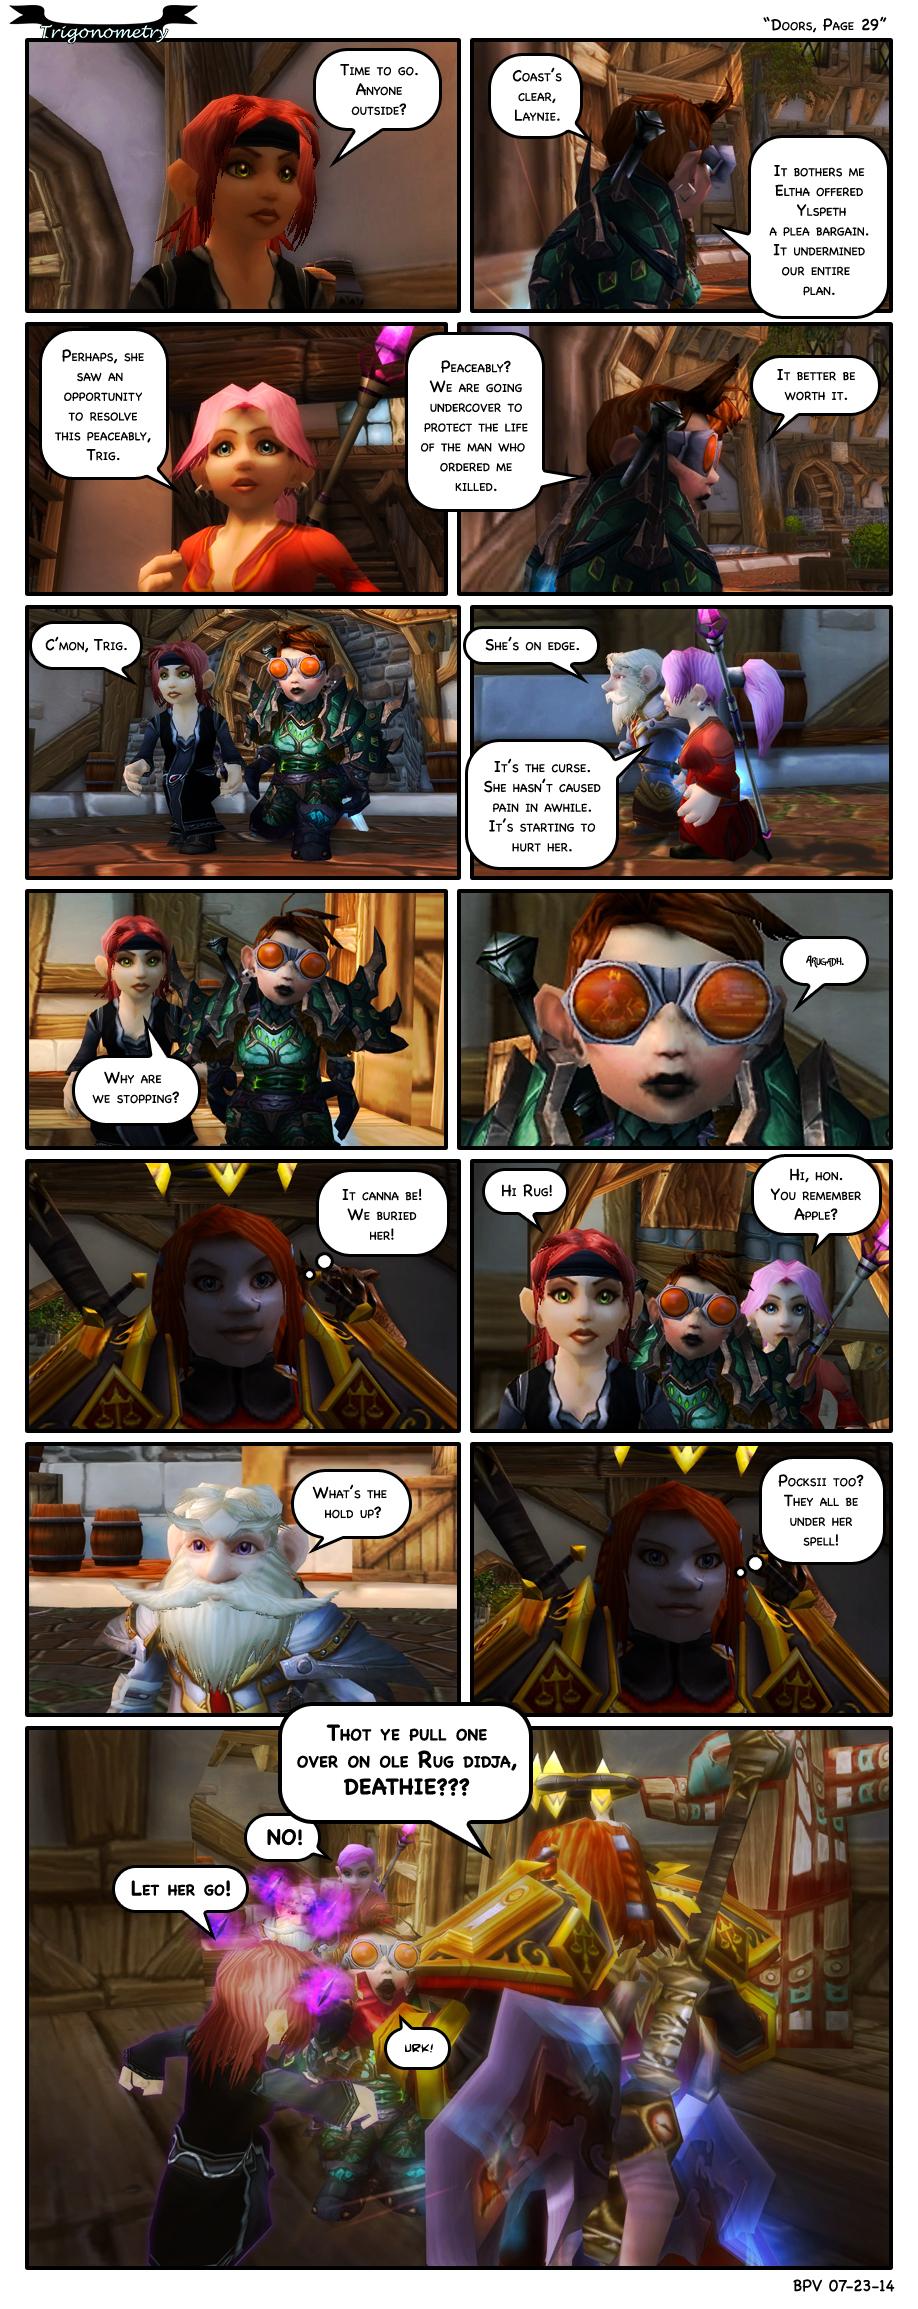 Doors, Page 29